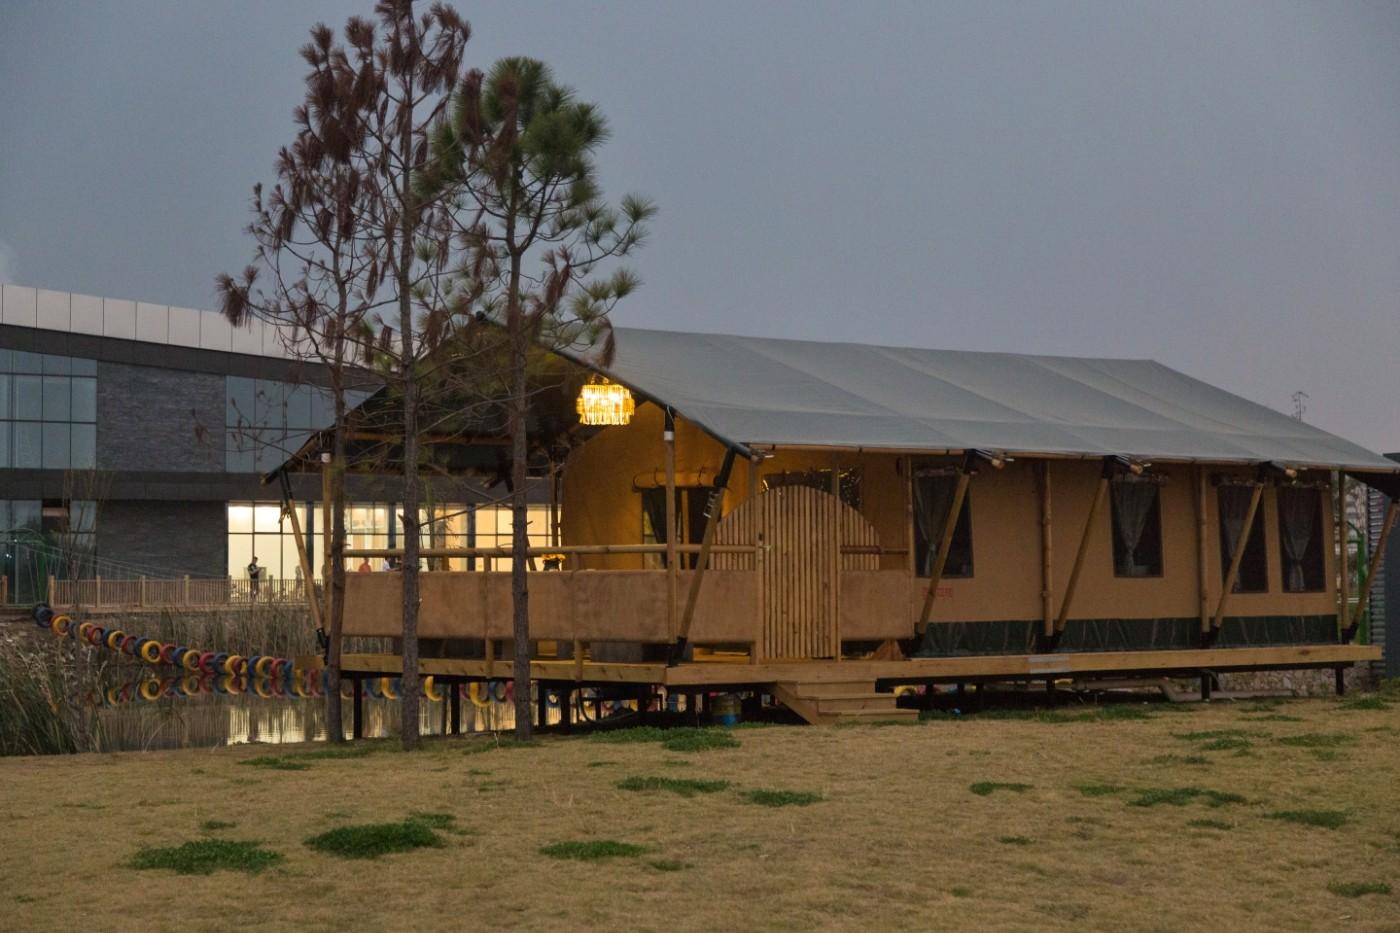 喜马拉雅野奢帐篷酒店—浙江留香之家露营地(54平)12